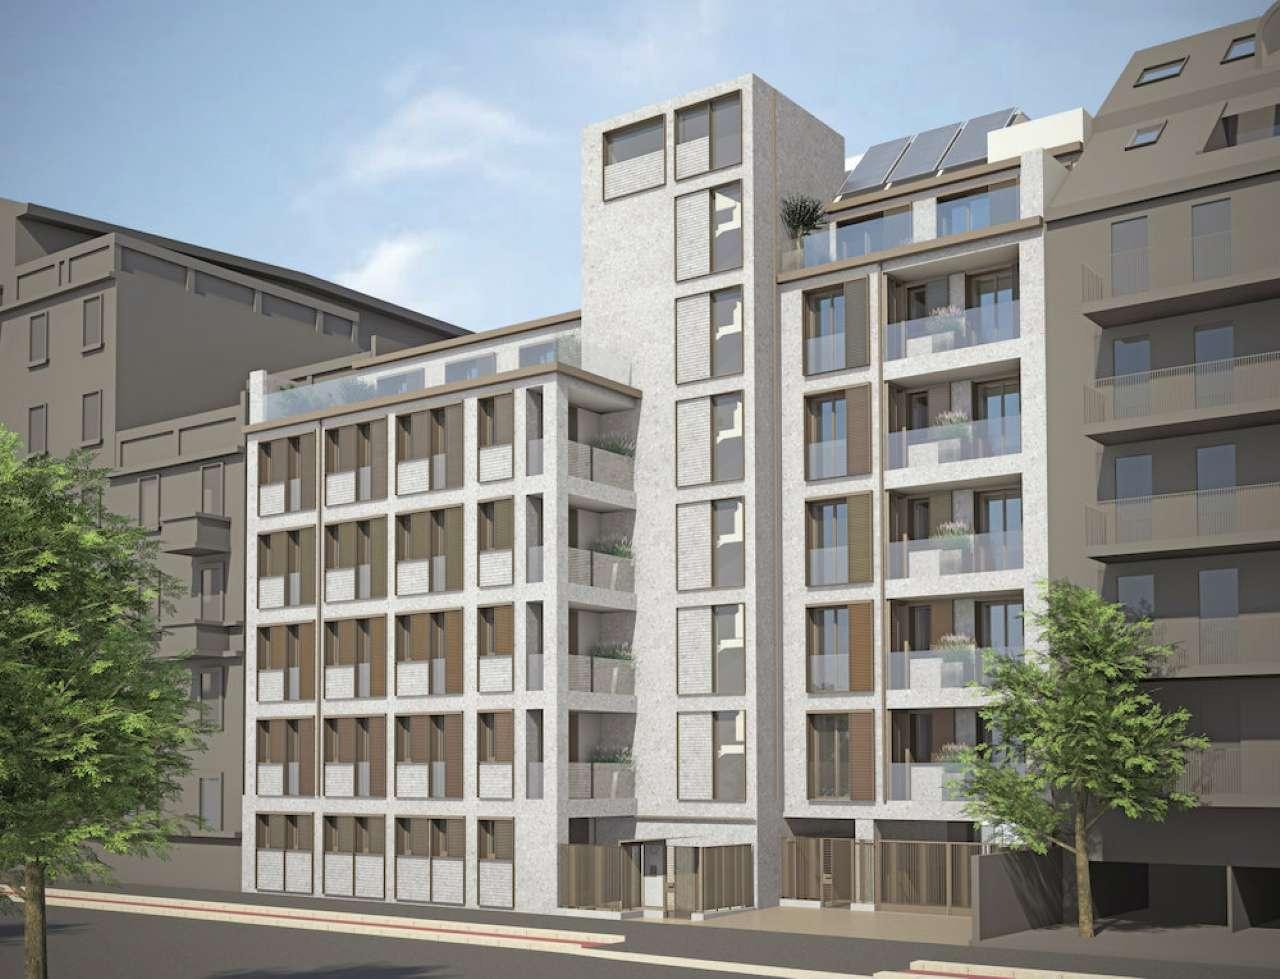 Case appartamenti immobili in vendita e affitto for Appartamenti arredati in affitto milano